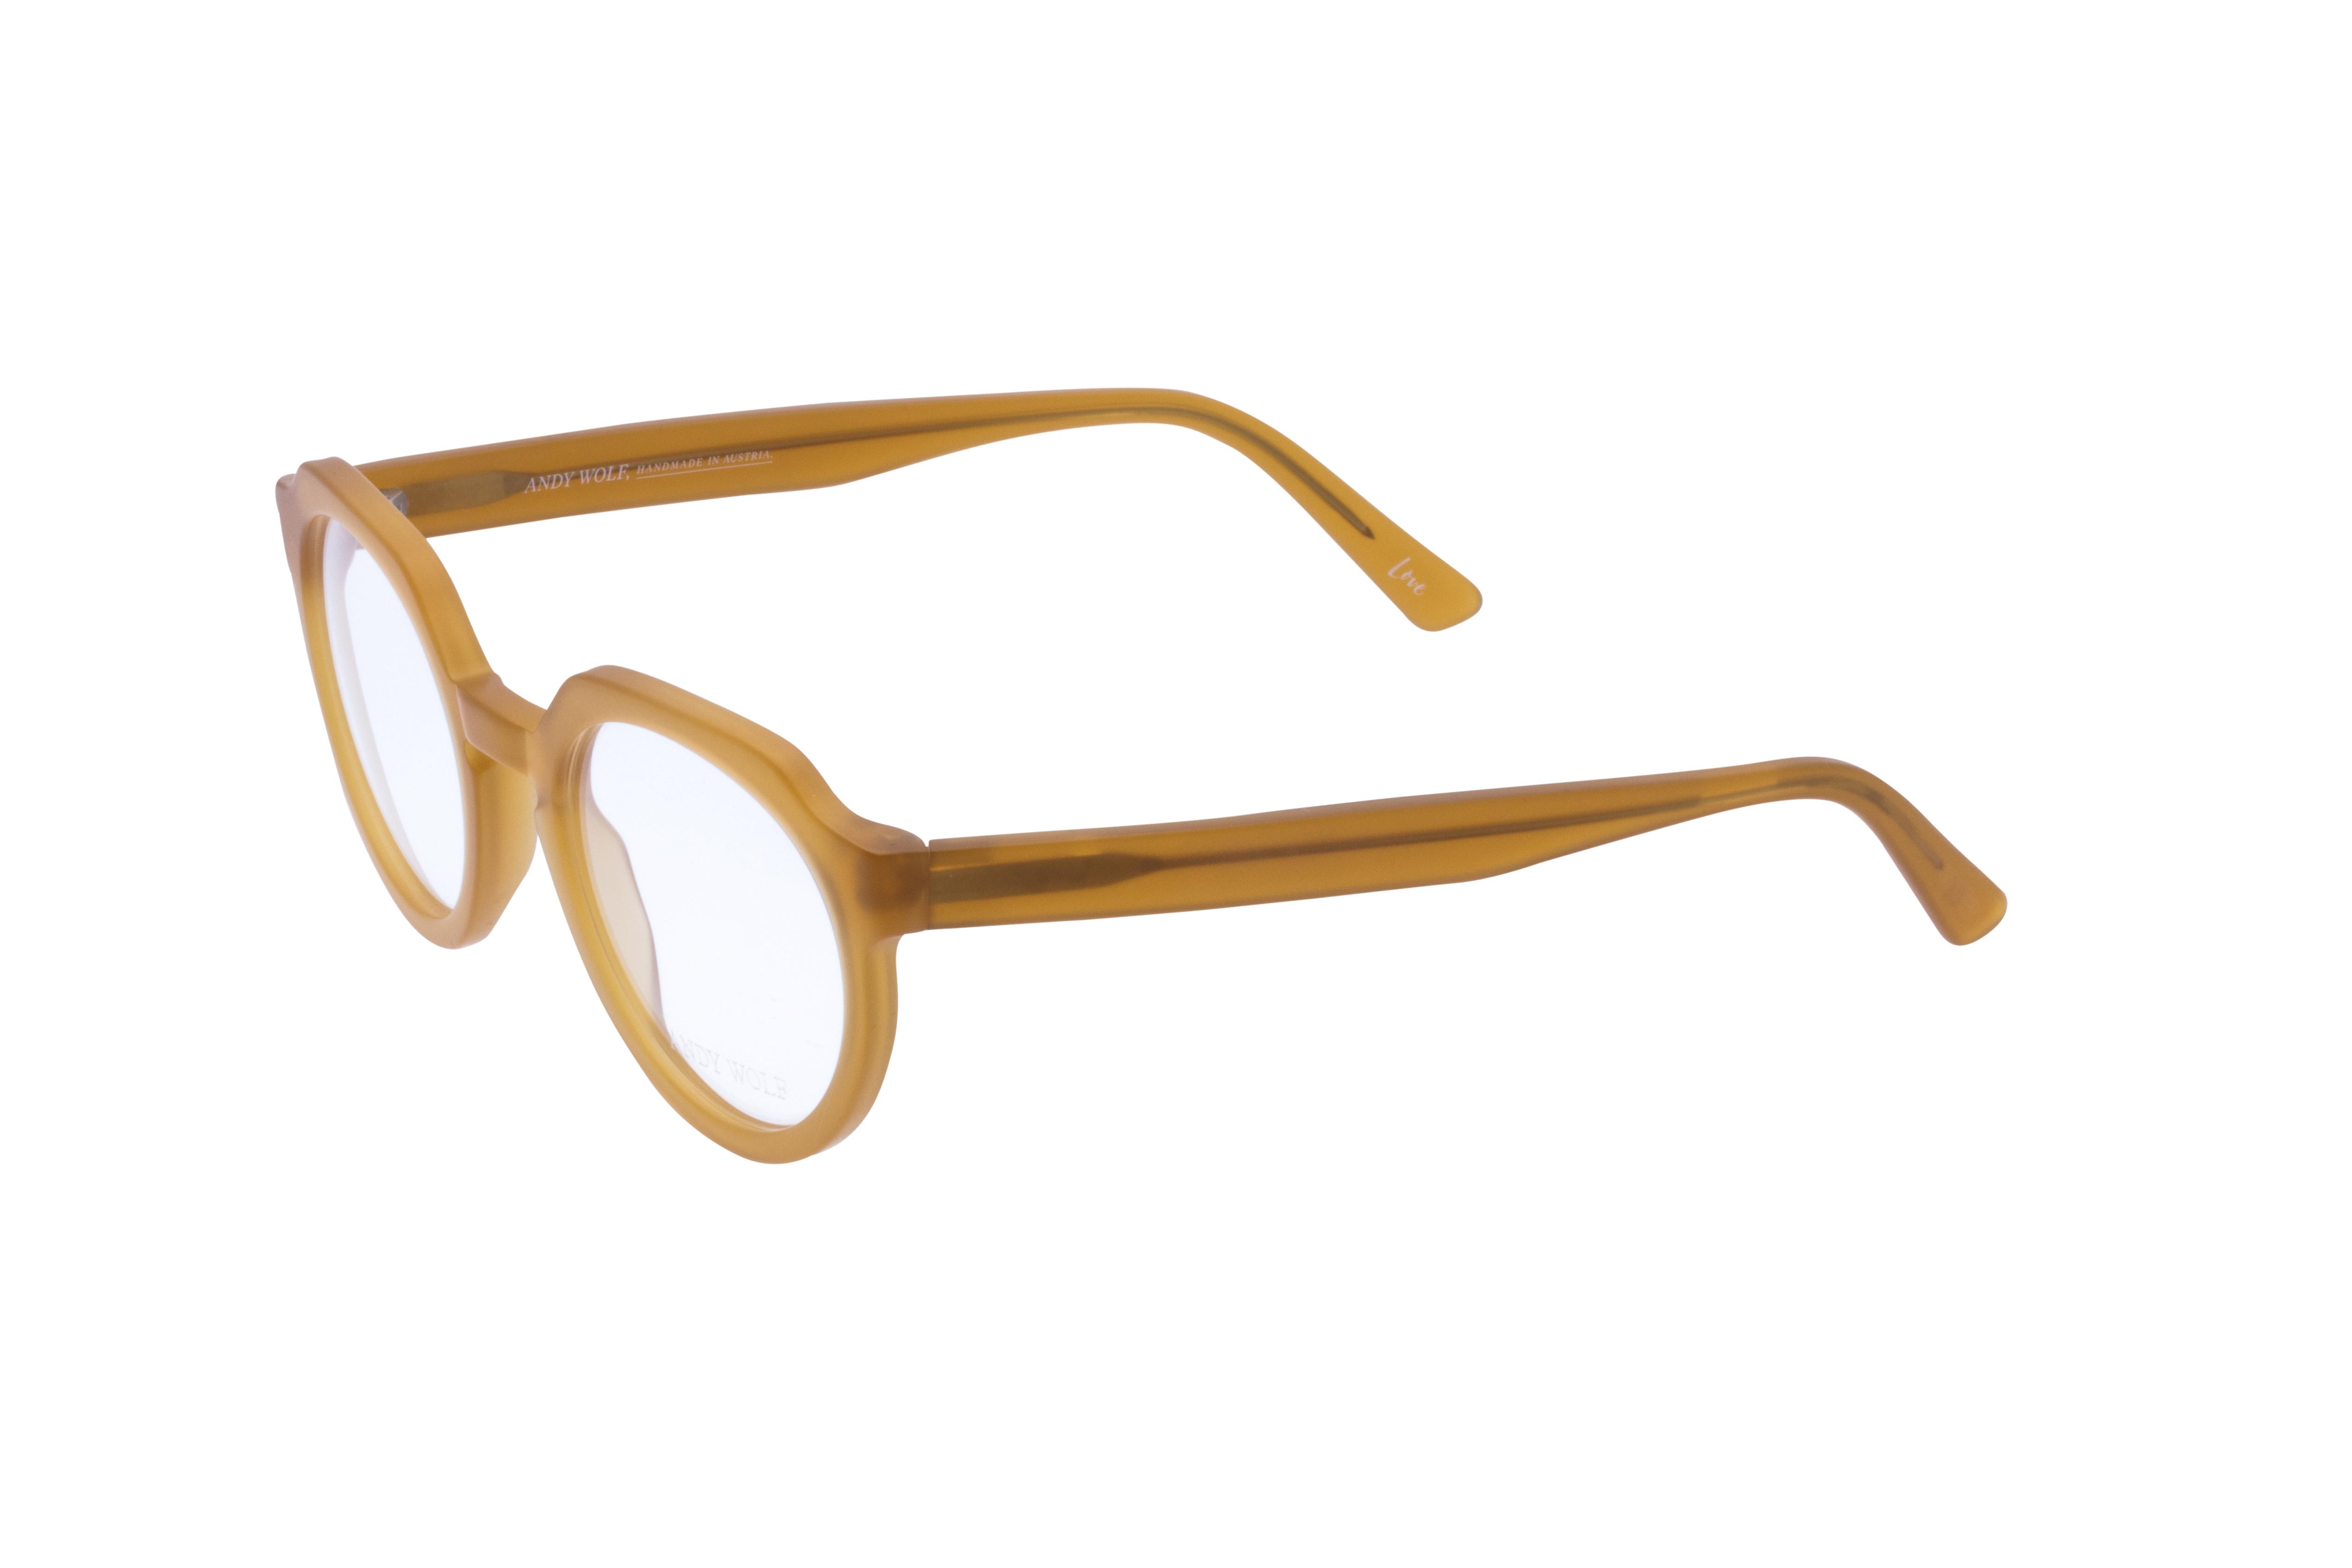 360 Grad Ansicht 20 Andy Wolf 4570, Brille auf Weiß - Fassung bei KUNK